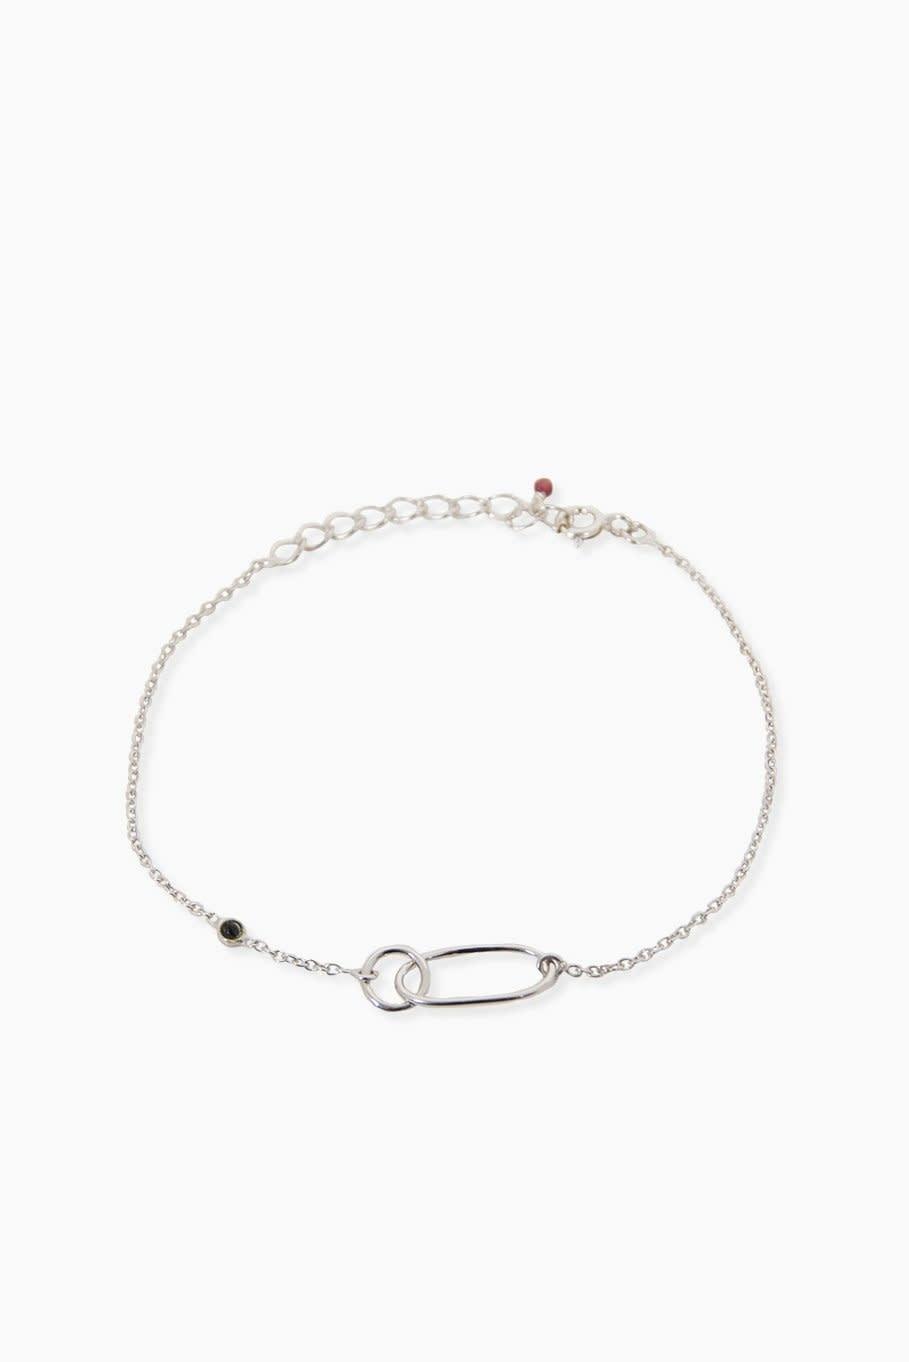 Détail Detail bracelet Pauline Spinel (8146)